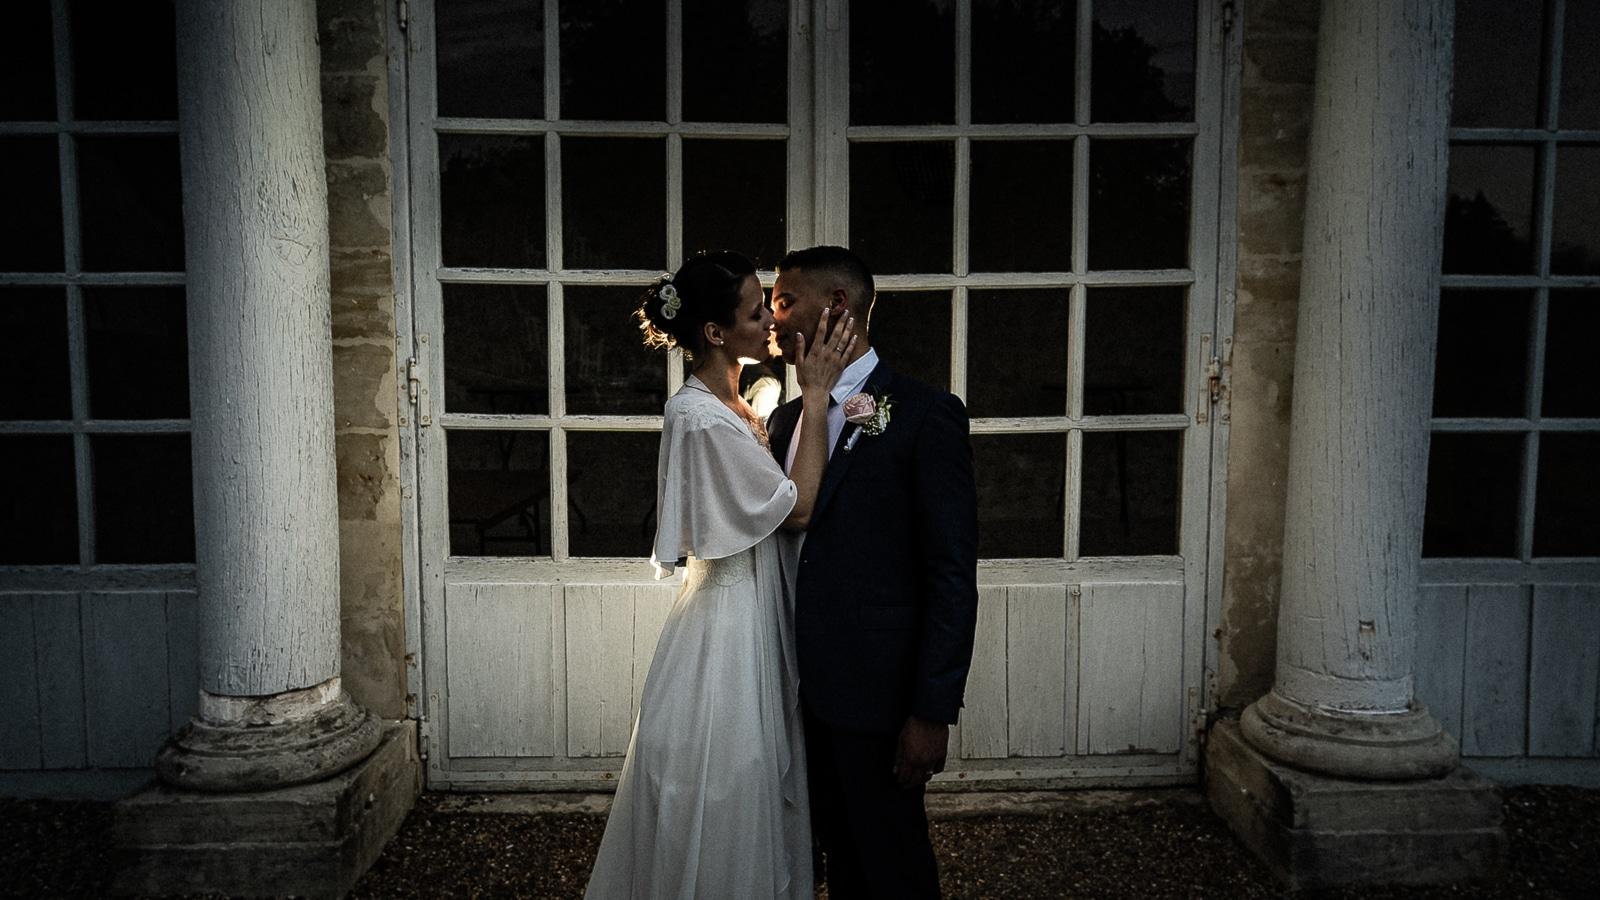 Mariage d'Ophélie et Christophe en Centre Val de Loire d'un photographe du Loiret